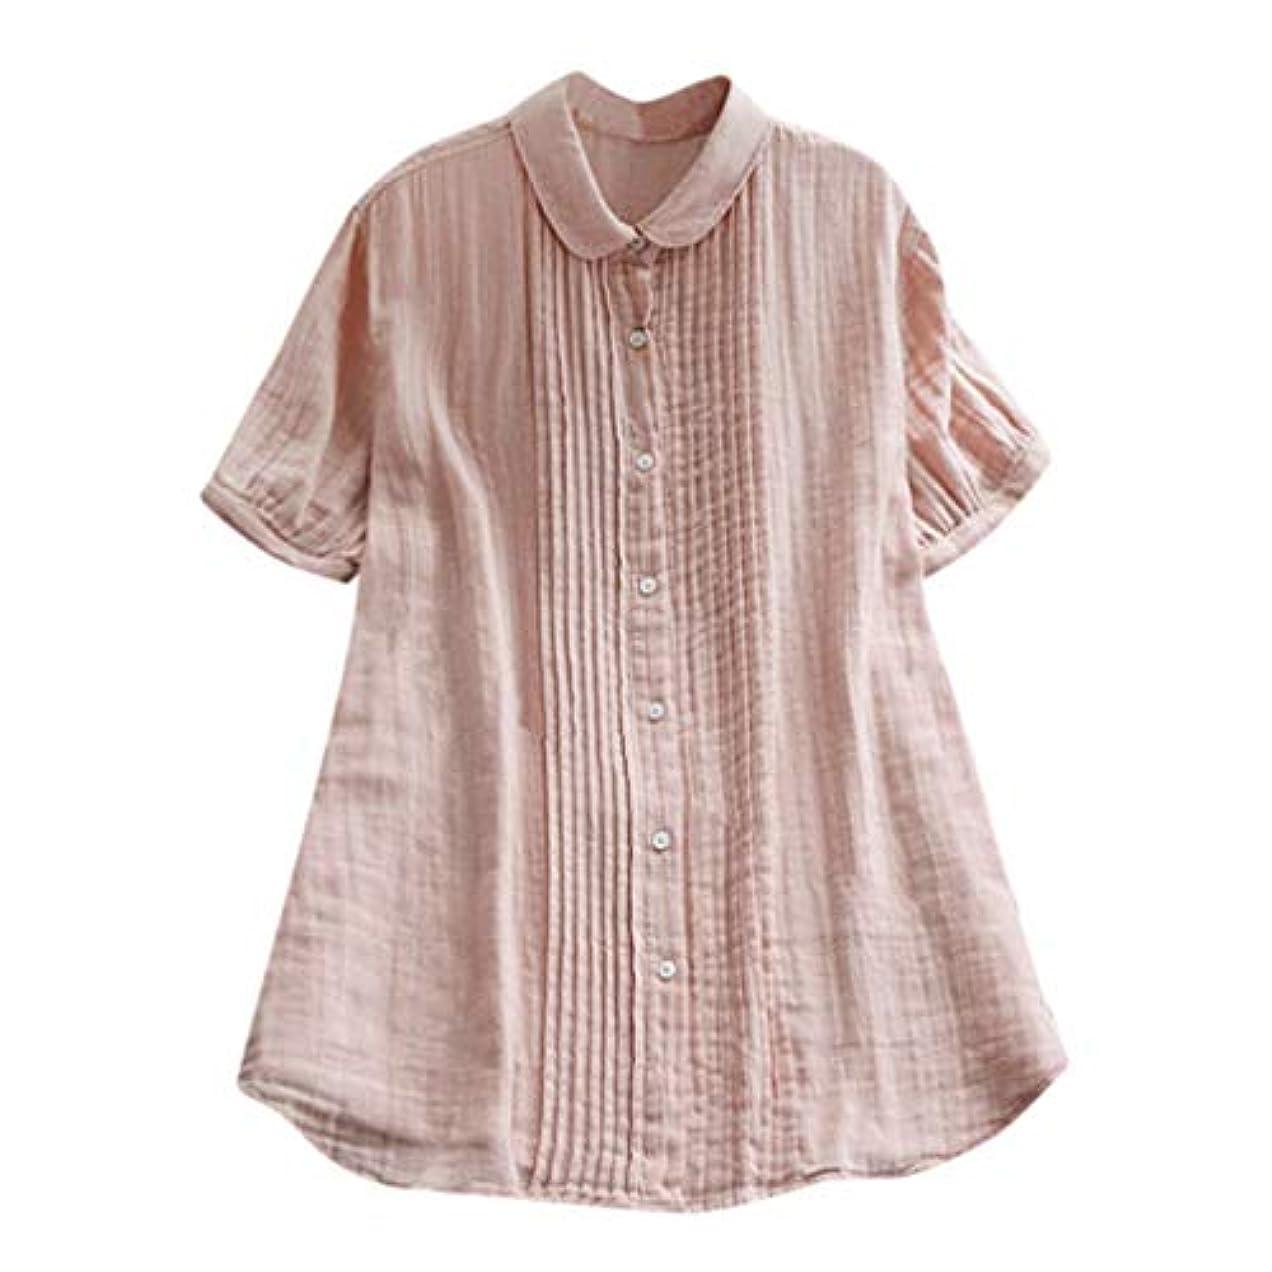 意志合計レース女性の半袖Tシャツ - ピーターパンカラー夏緩い無地カジュアルダウントップスブラウス (ピンク, M)